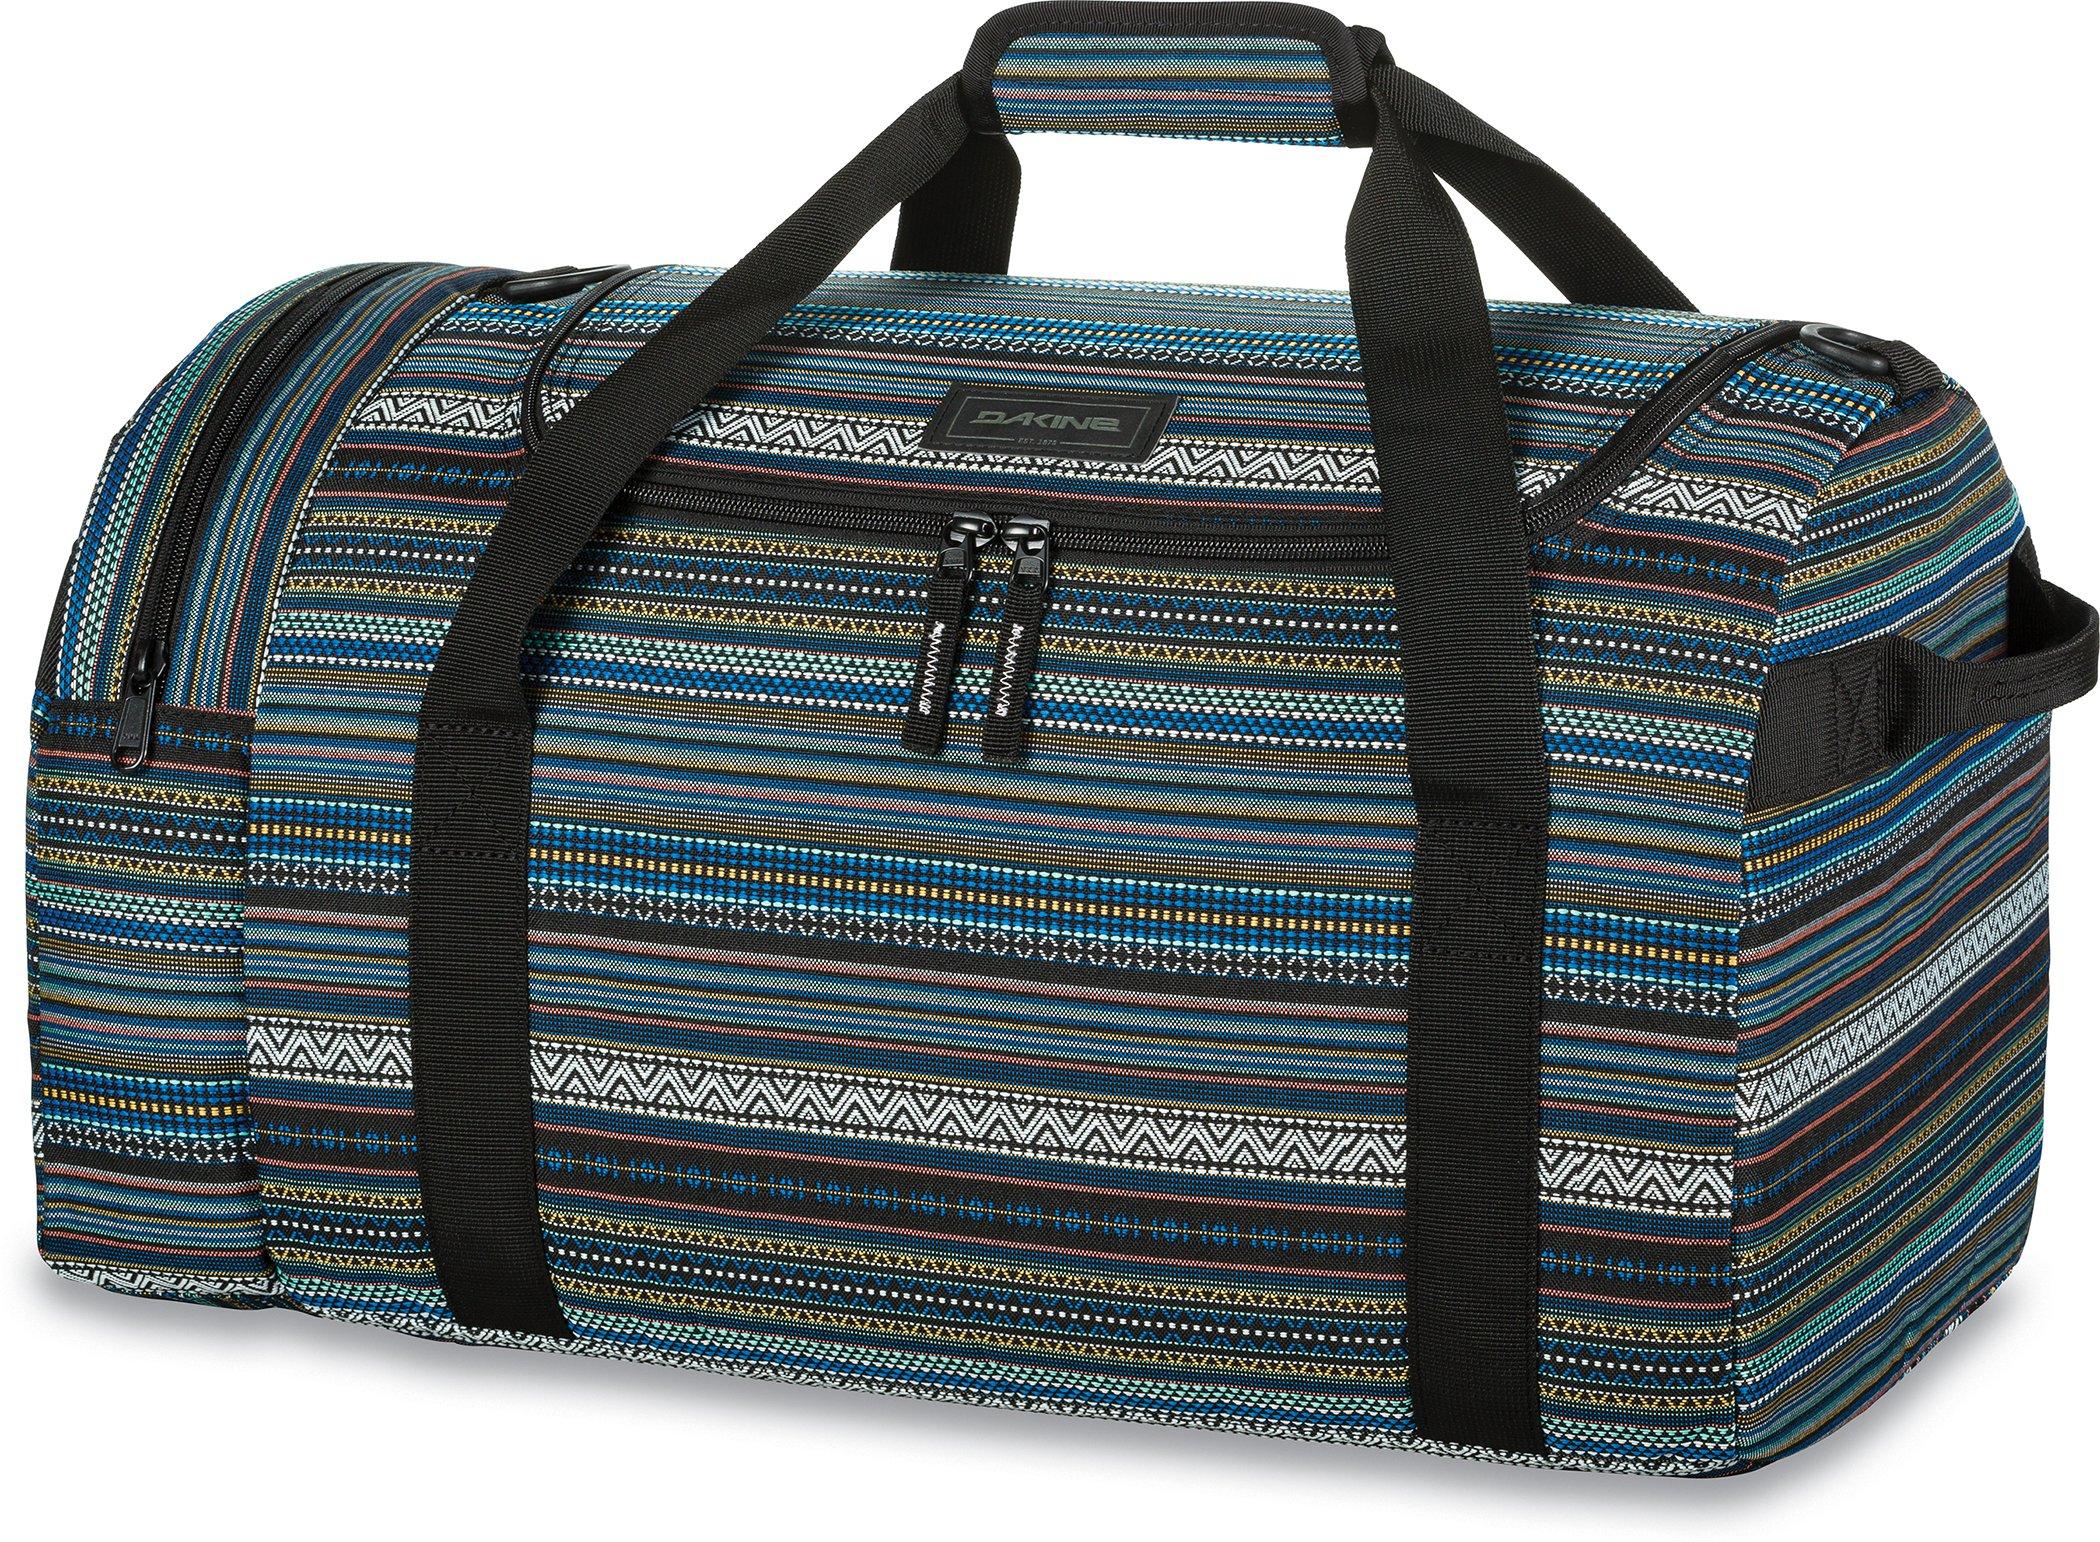 Dakine - EQ Duffle Bag - U-Shaped Opening - Removable Shoulder Strap - External End Pocket - 23L, 31L, 51L & 74L